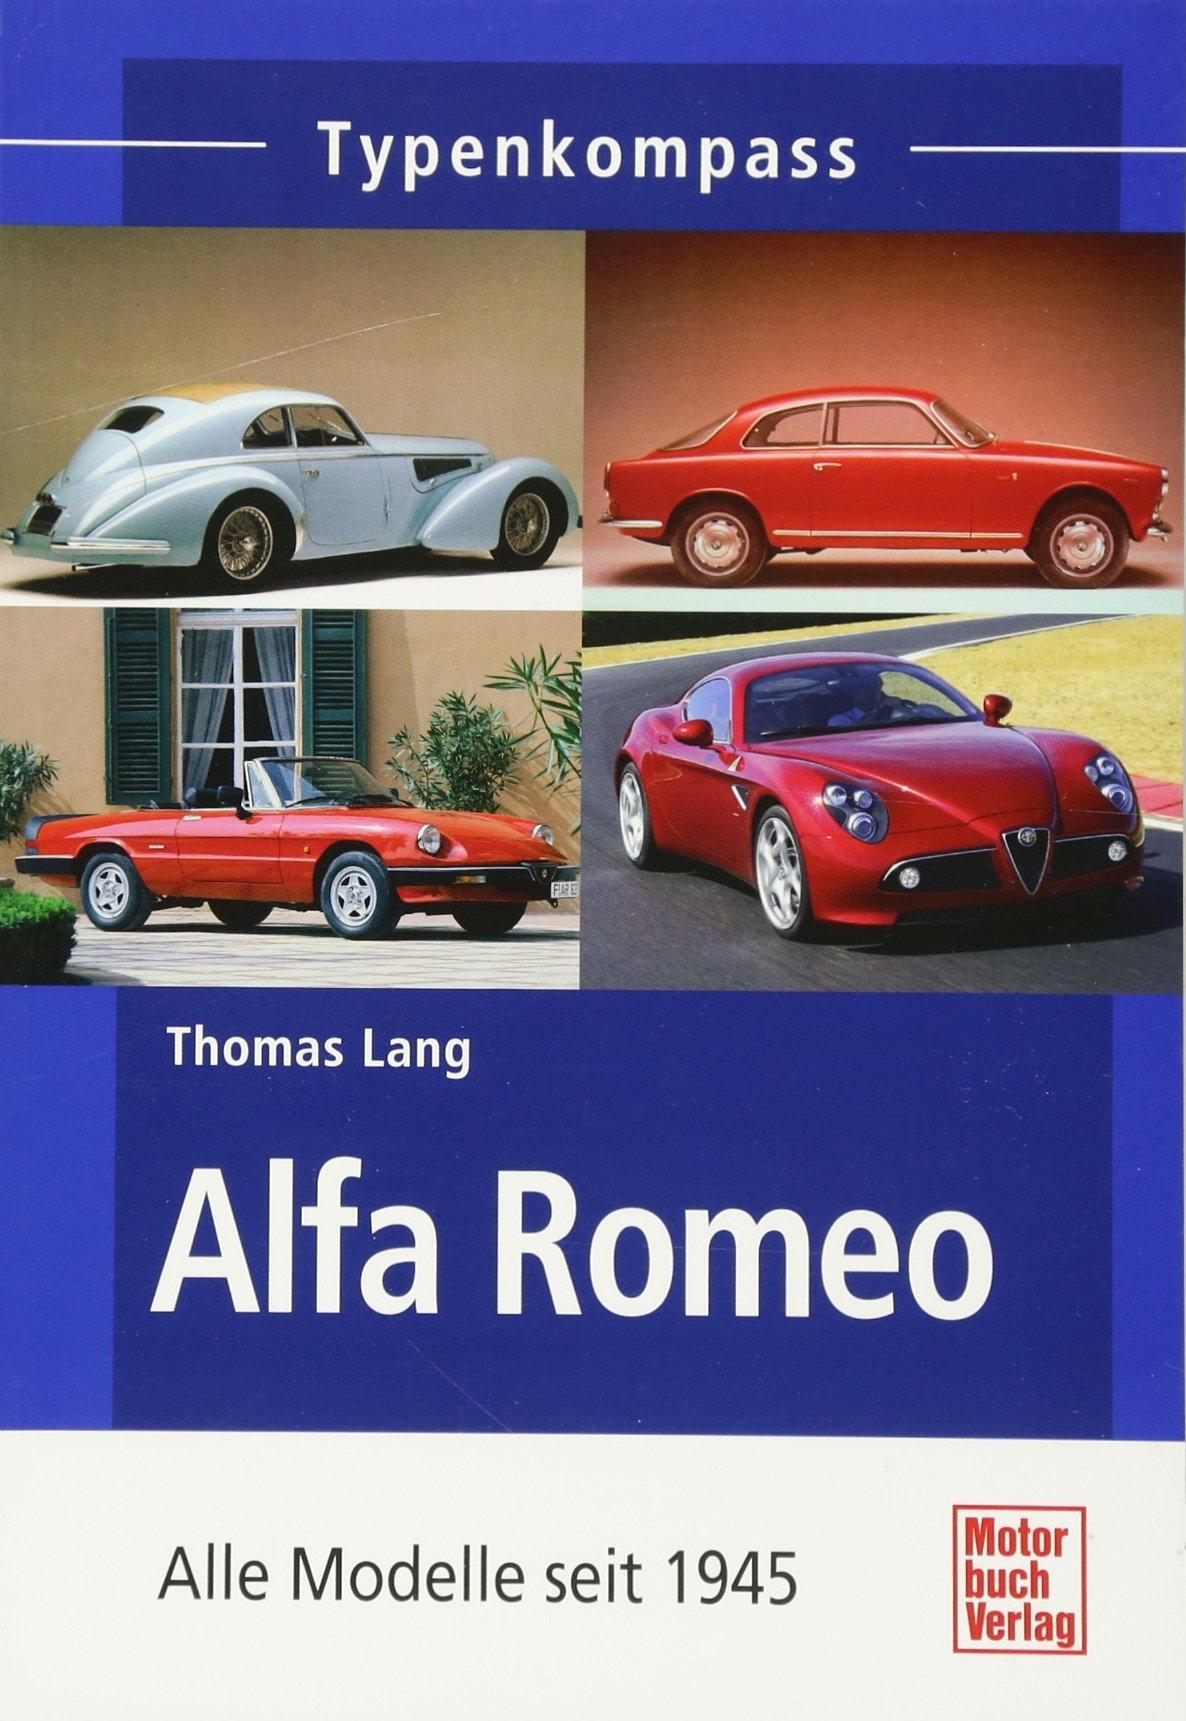 Alfa Romeo: Alle Modelle seit 1945 (Typenkompass)